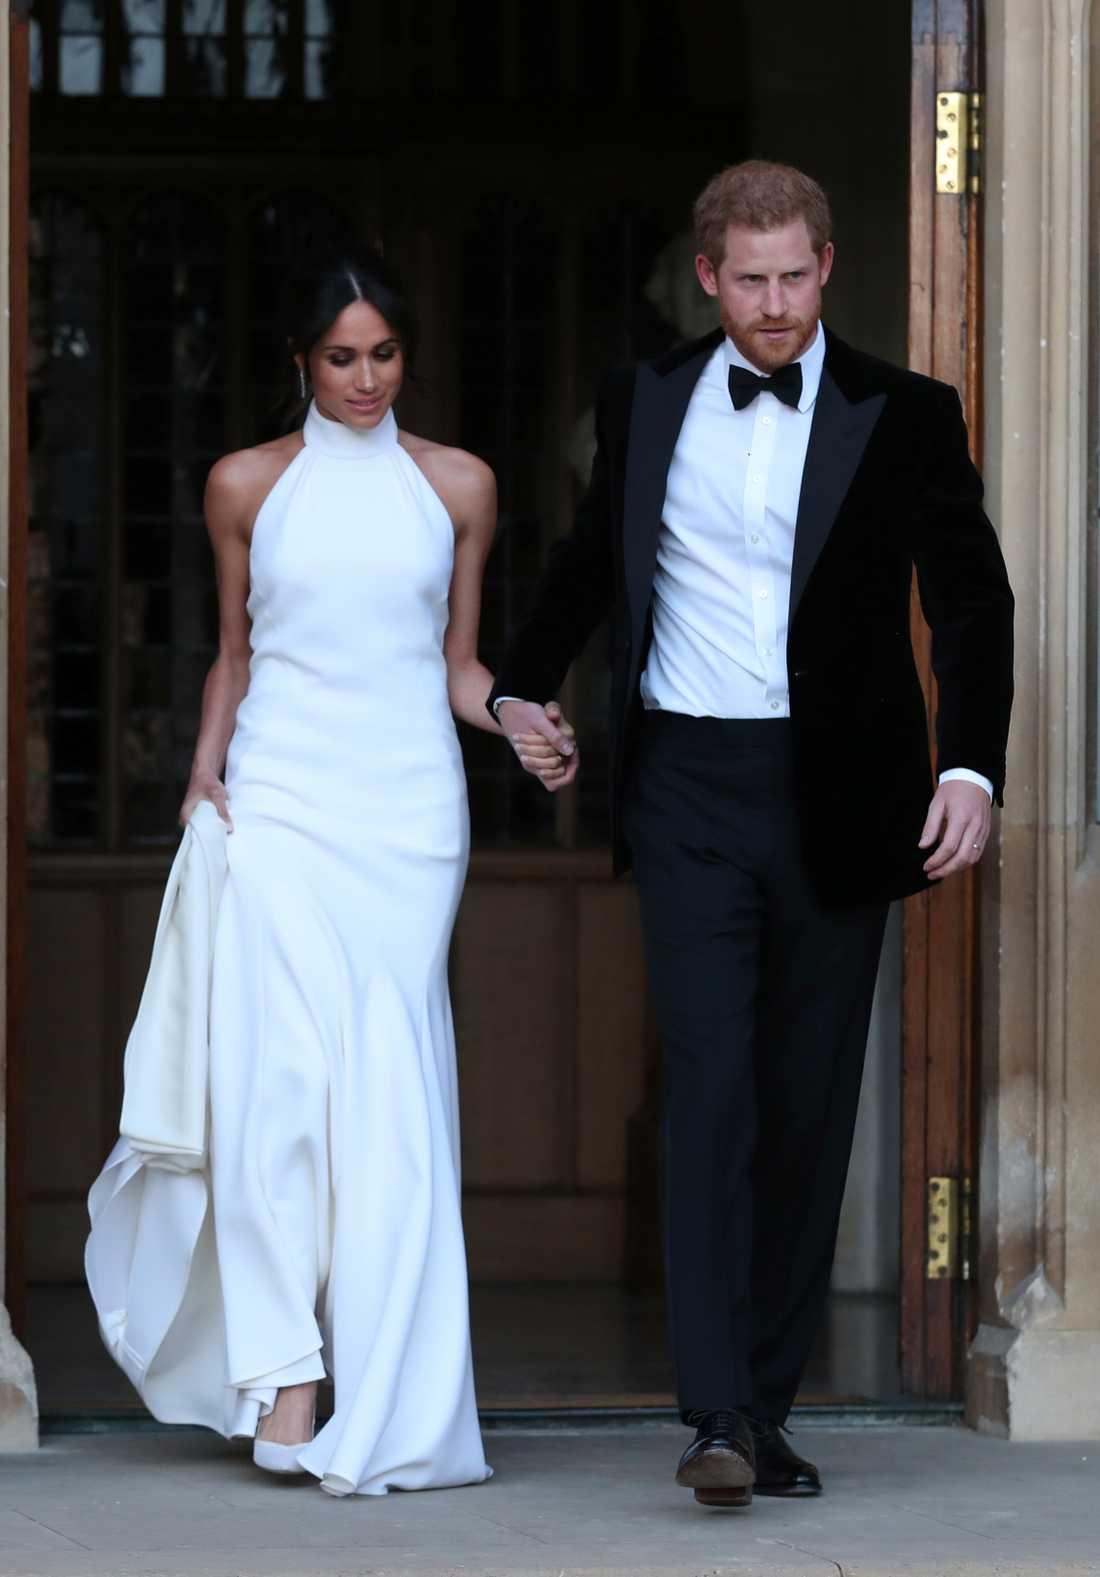 Under kvällen bytte prinsparet outfit till en lite mer ledig klädsel.